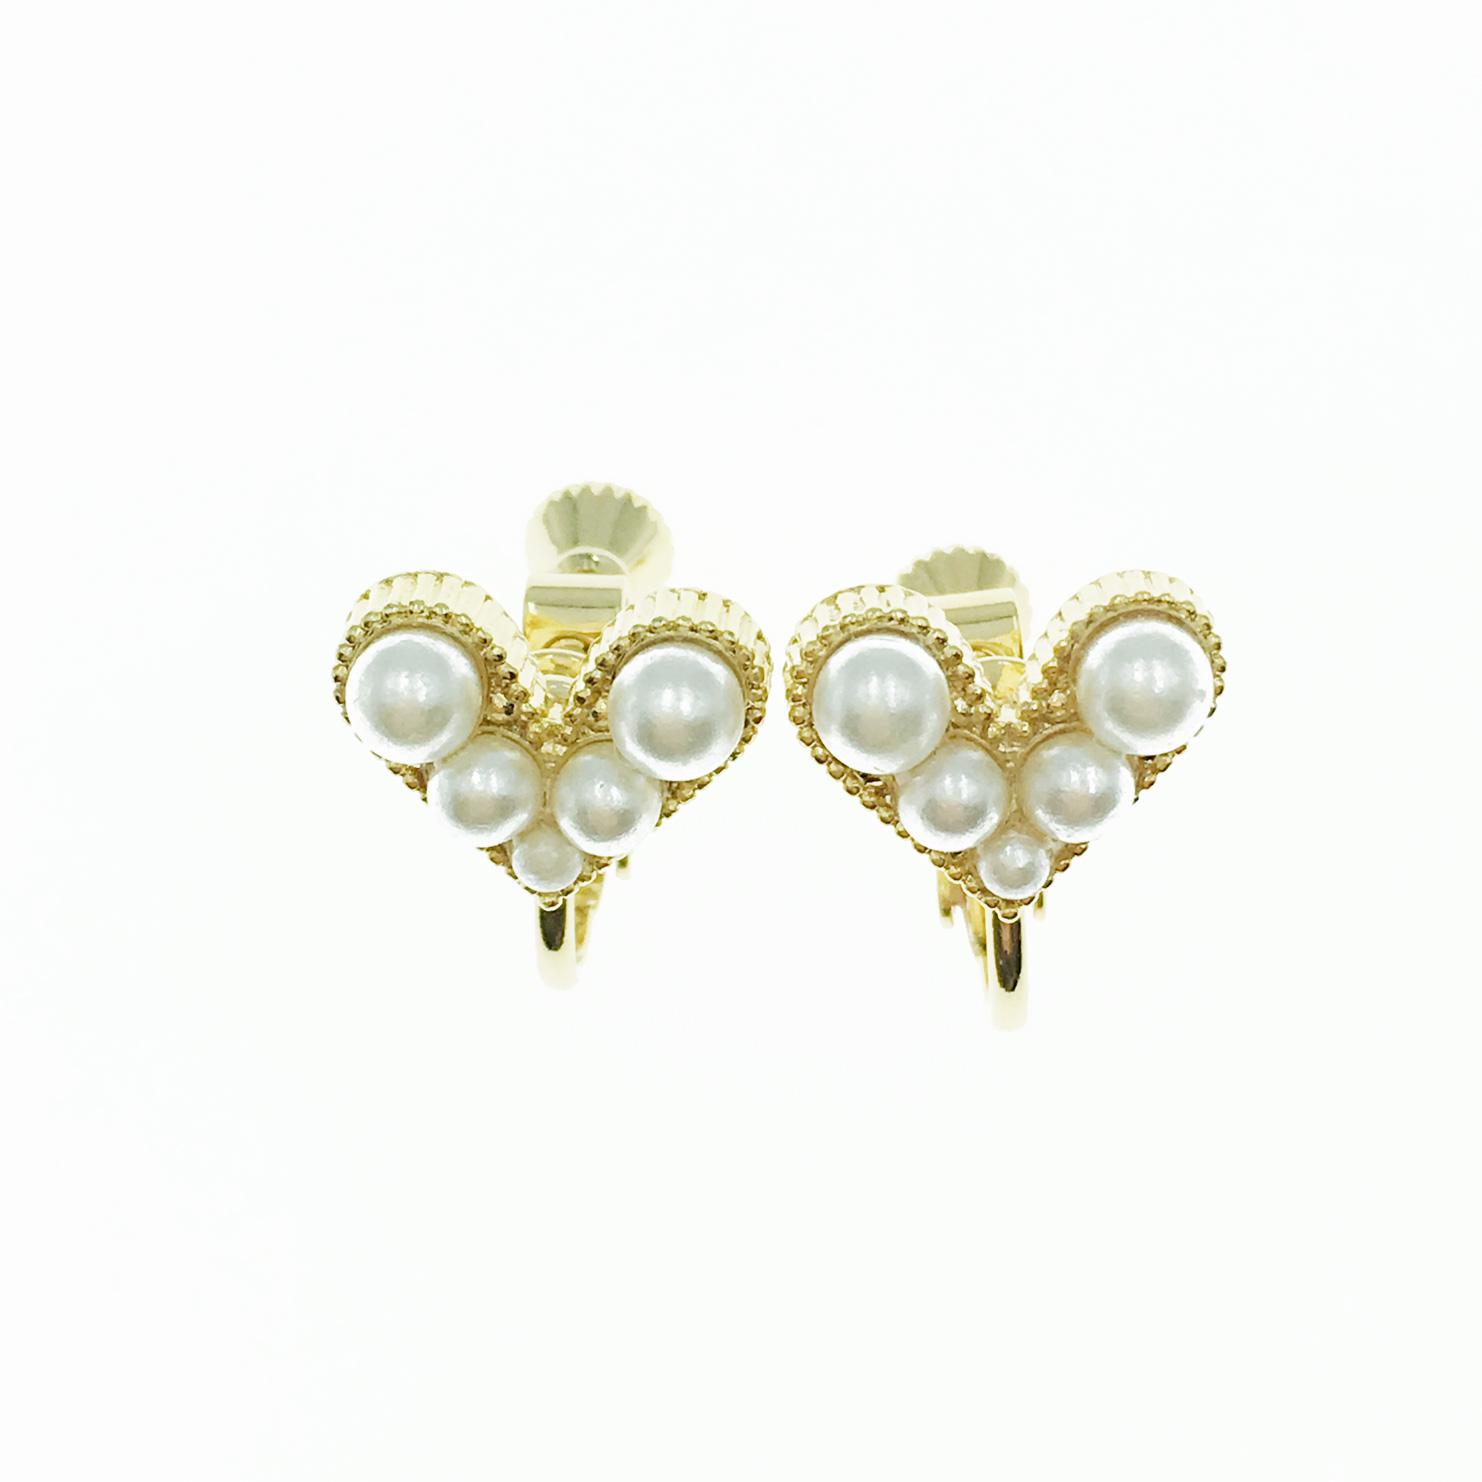 韓國 珍珠 愛心 金邊金框 氣質甜美 夾式耳環